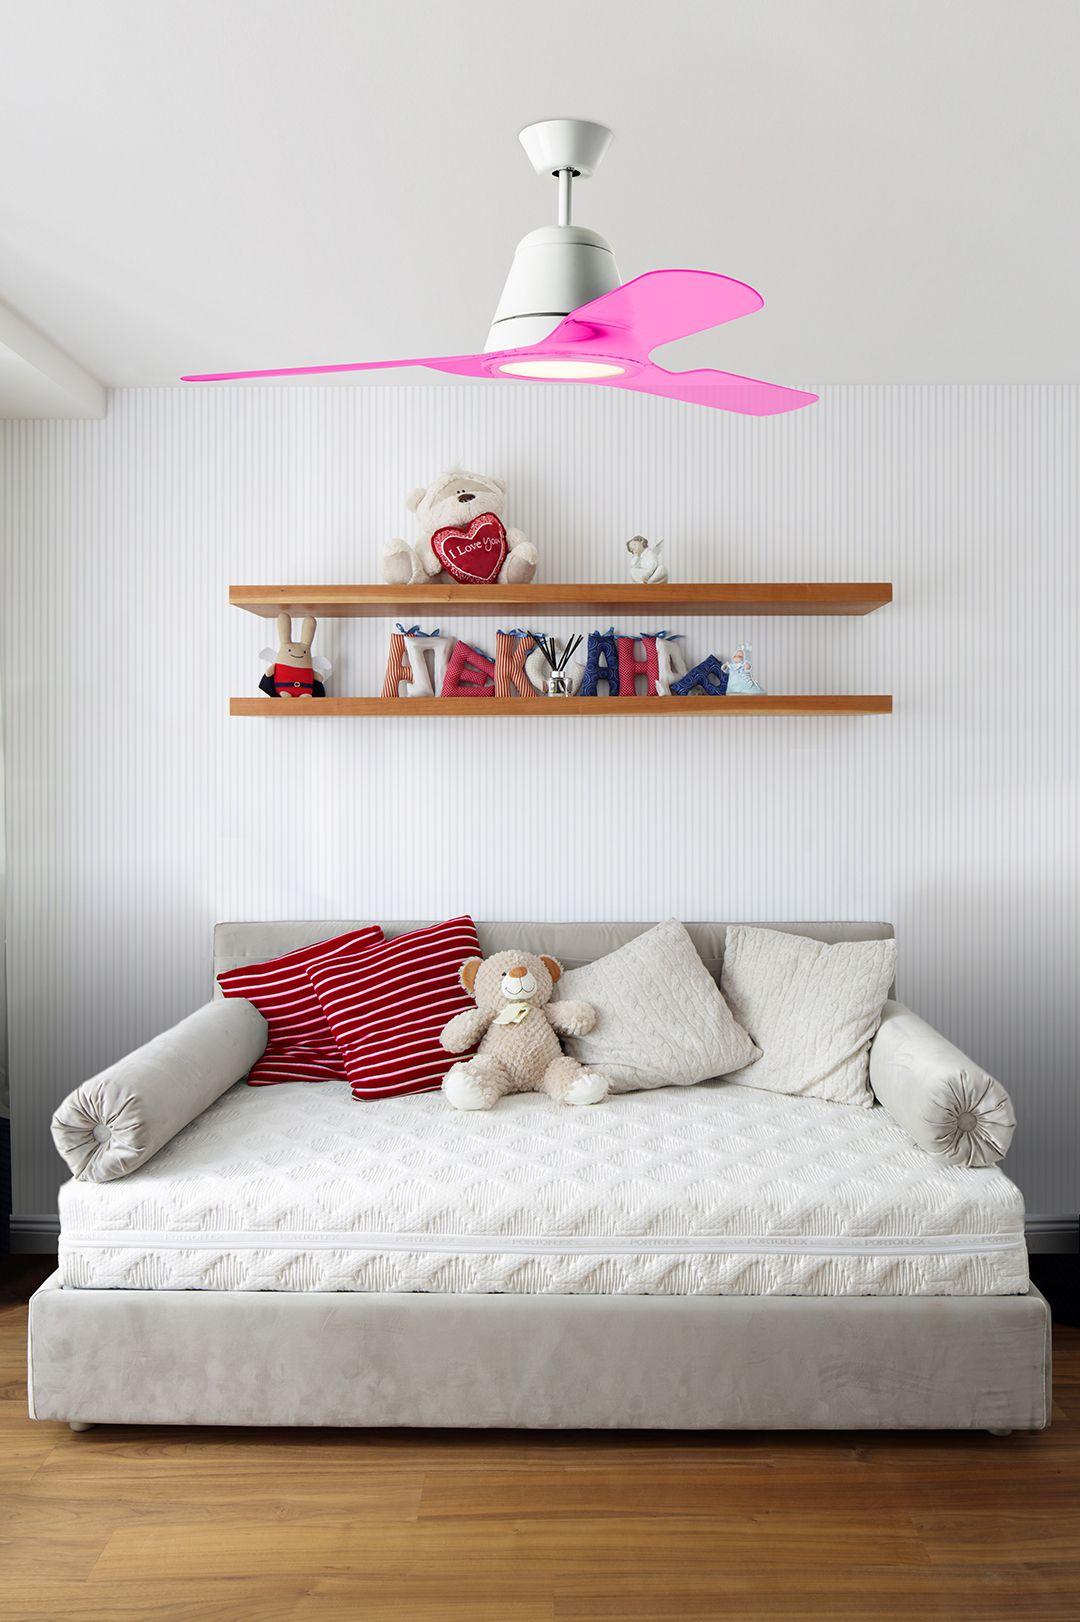 Ventilateur De Plafond Led Tiga De Leds C4 Pales Rose Mister